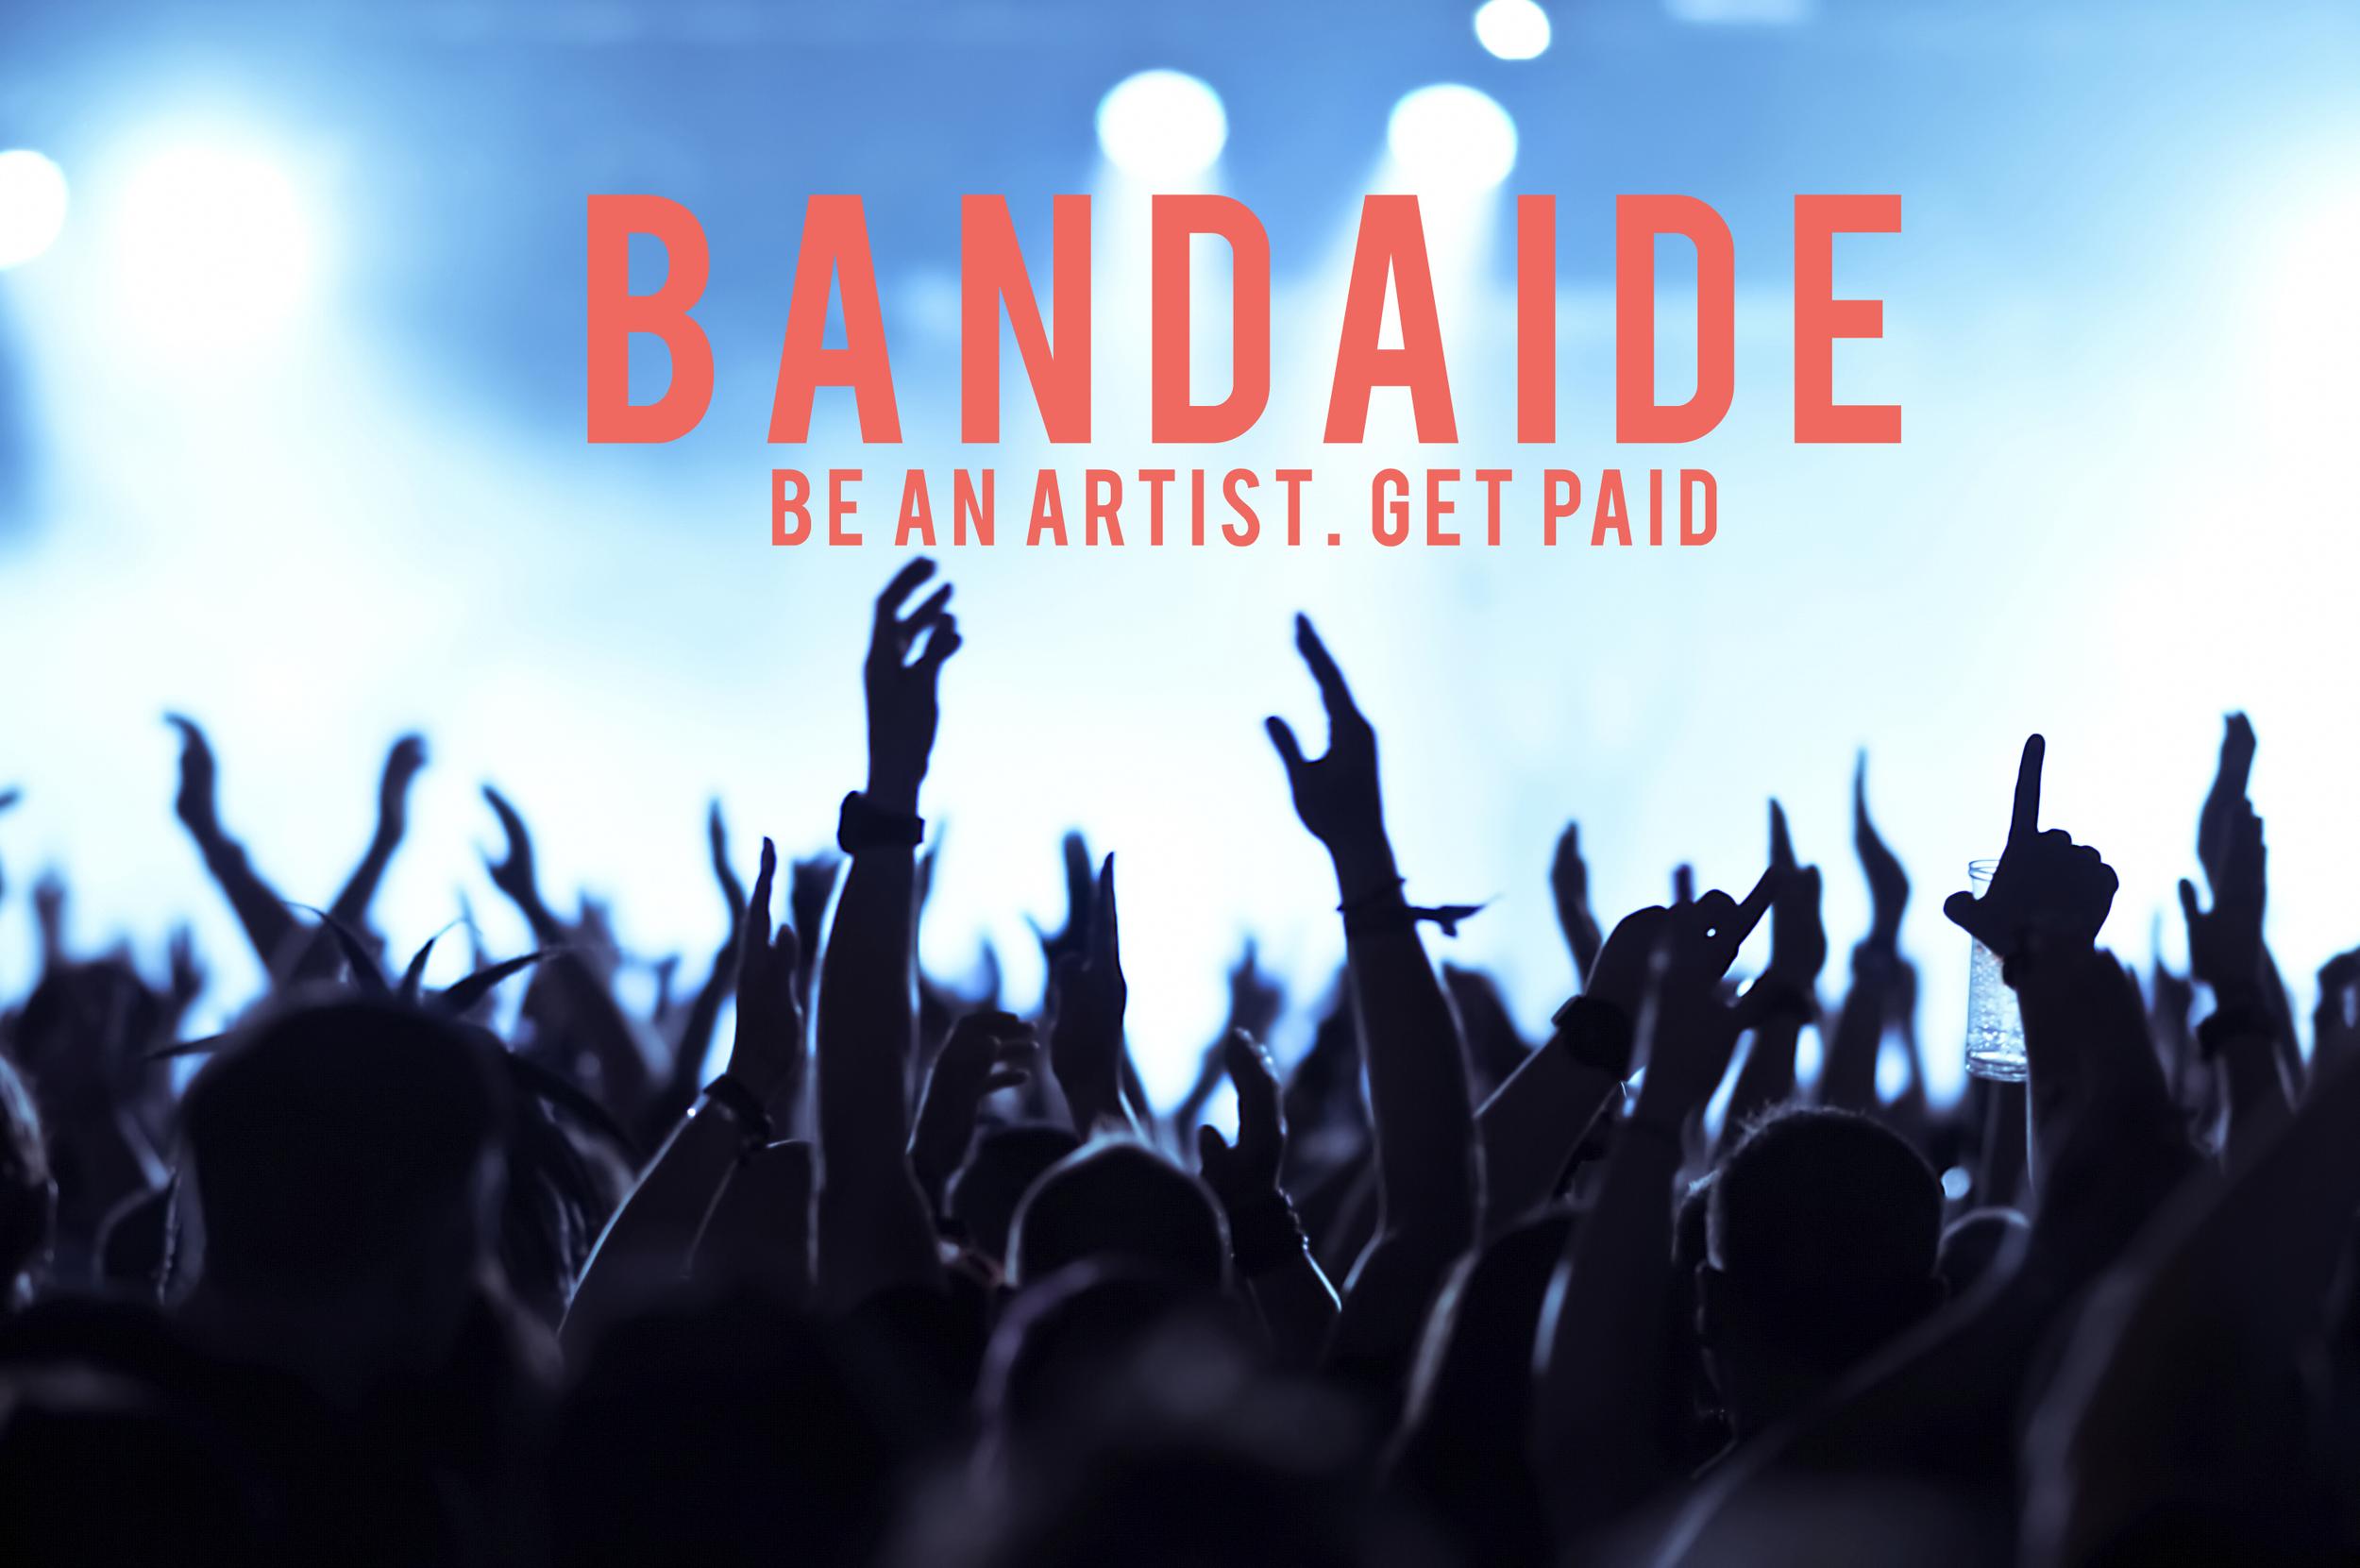 Bandaide_crowd.jpg